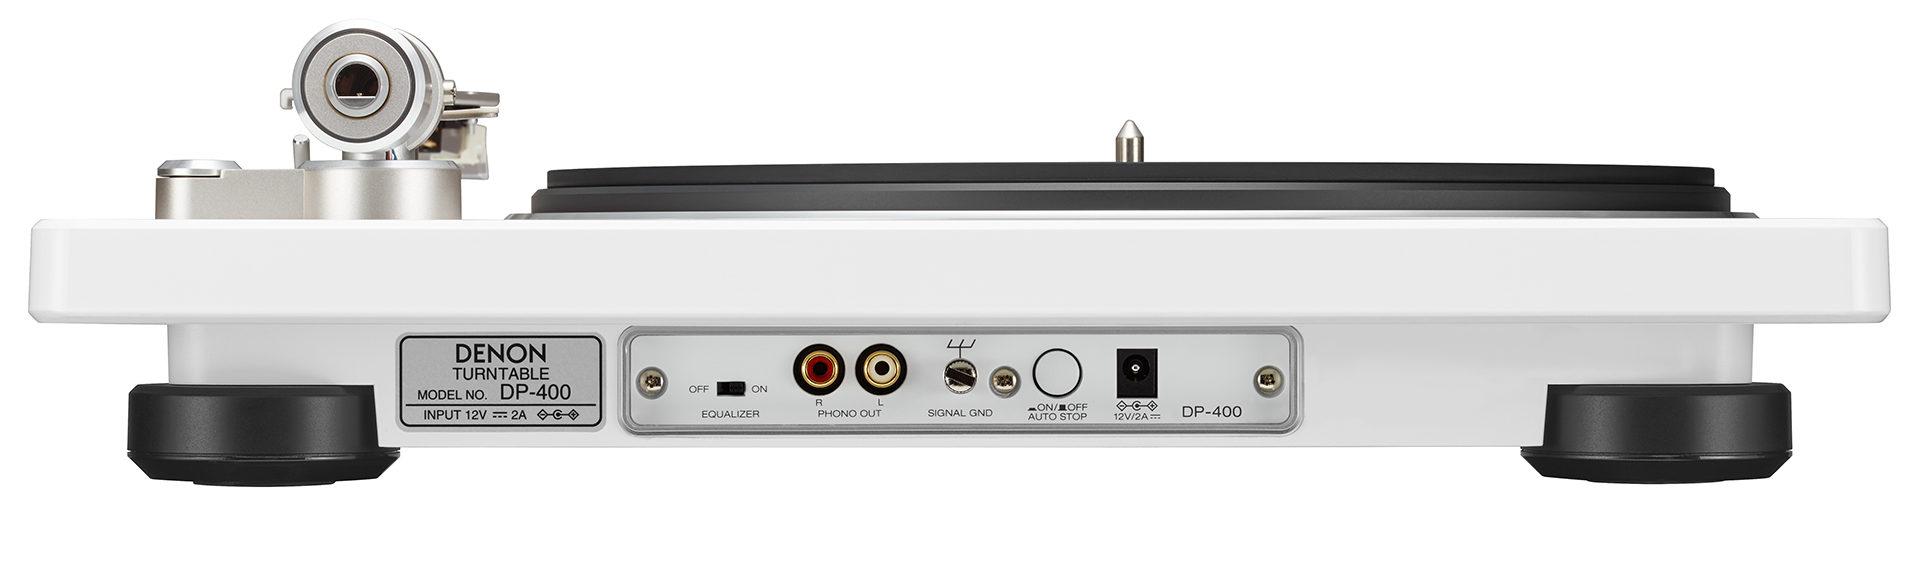 Denon DP-400 - Interfaces posteriores